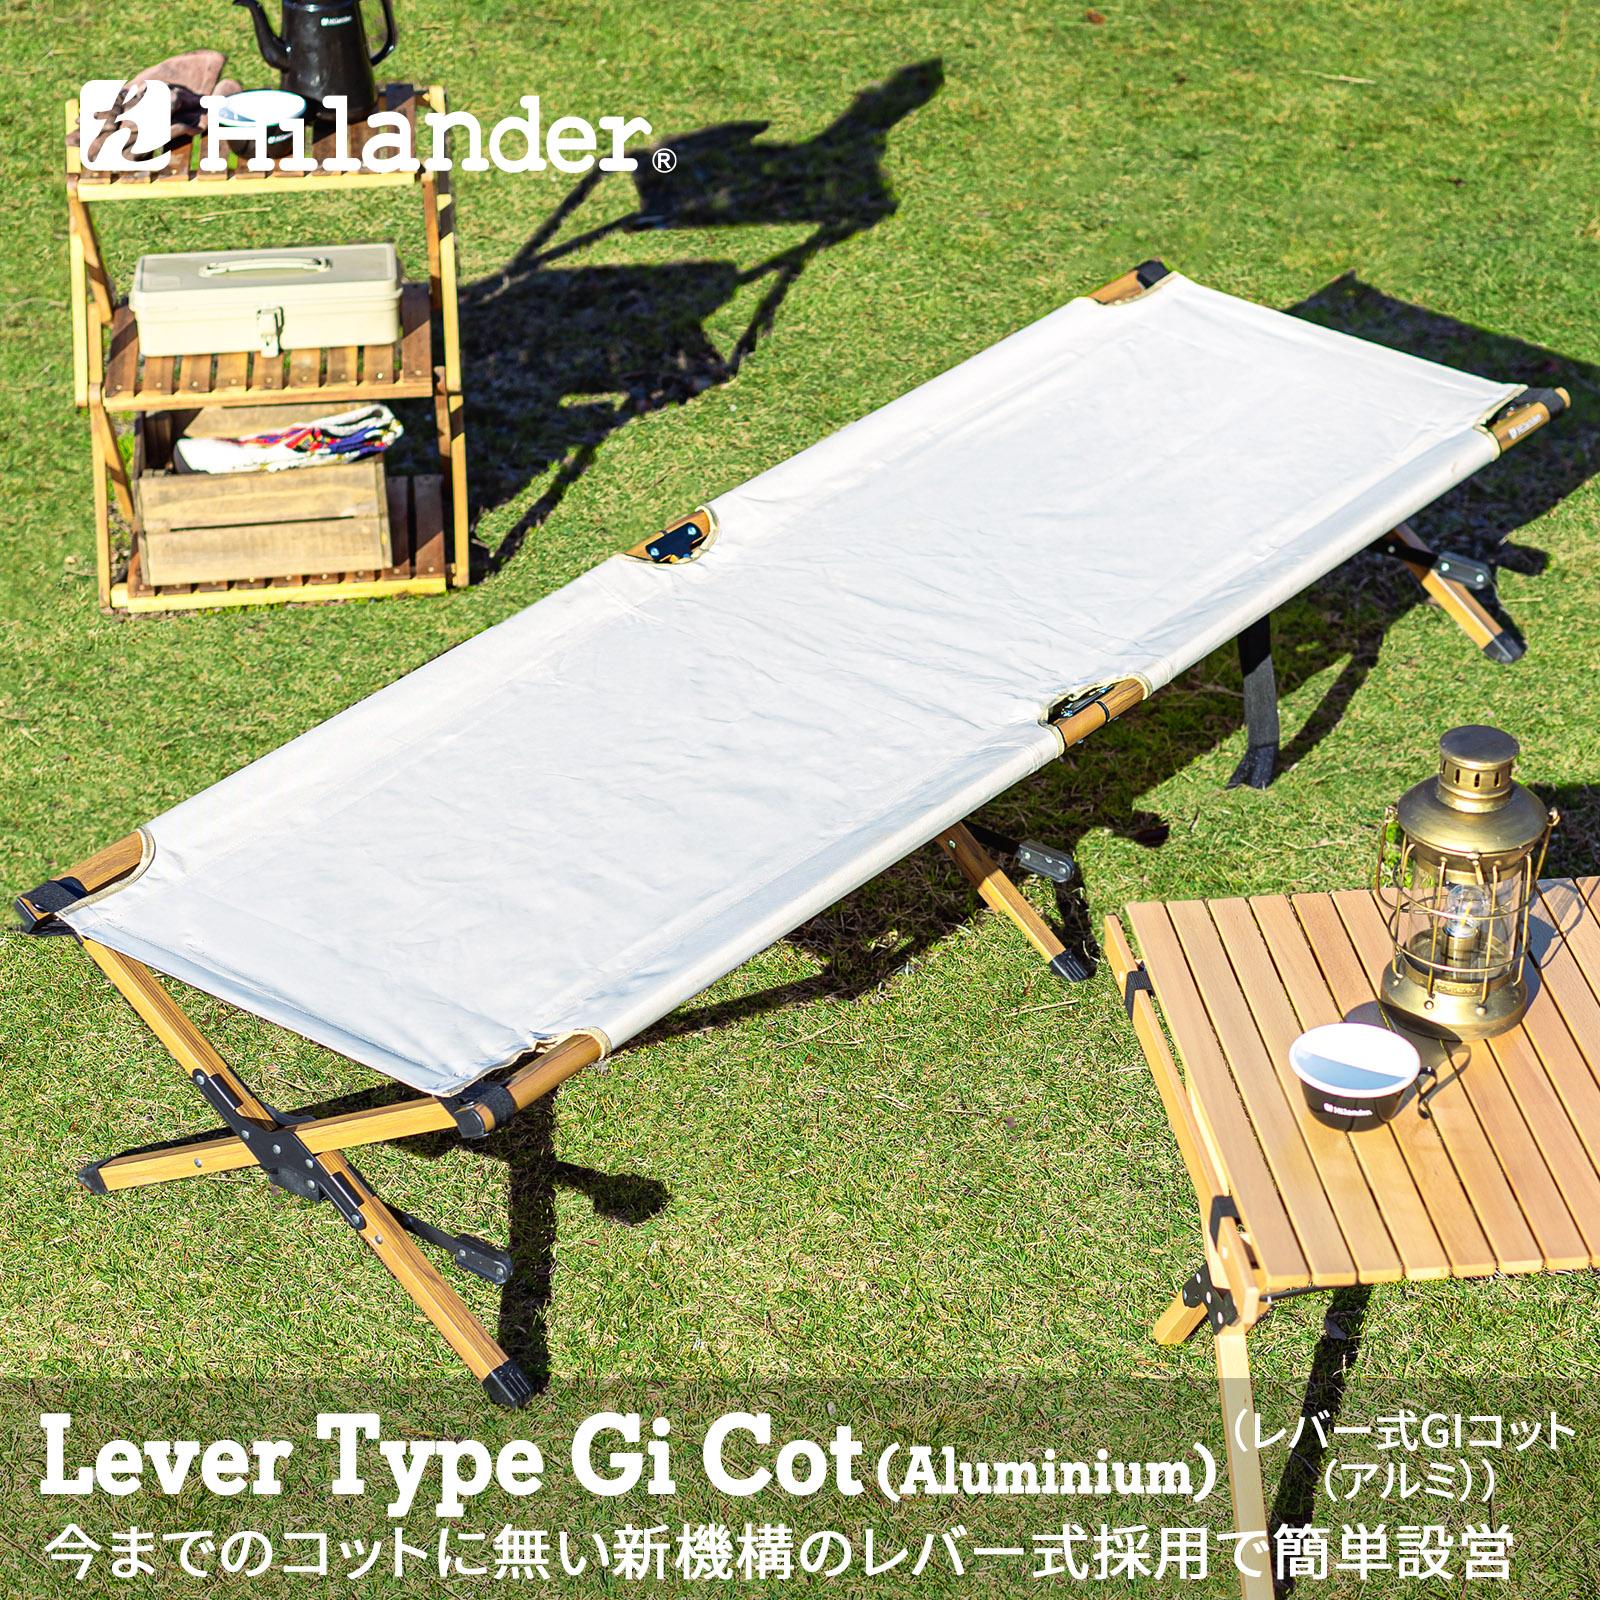 レバー式GIコット(アルミ)/Hilander(ハイランダー)